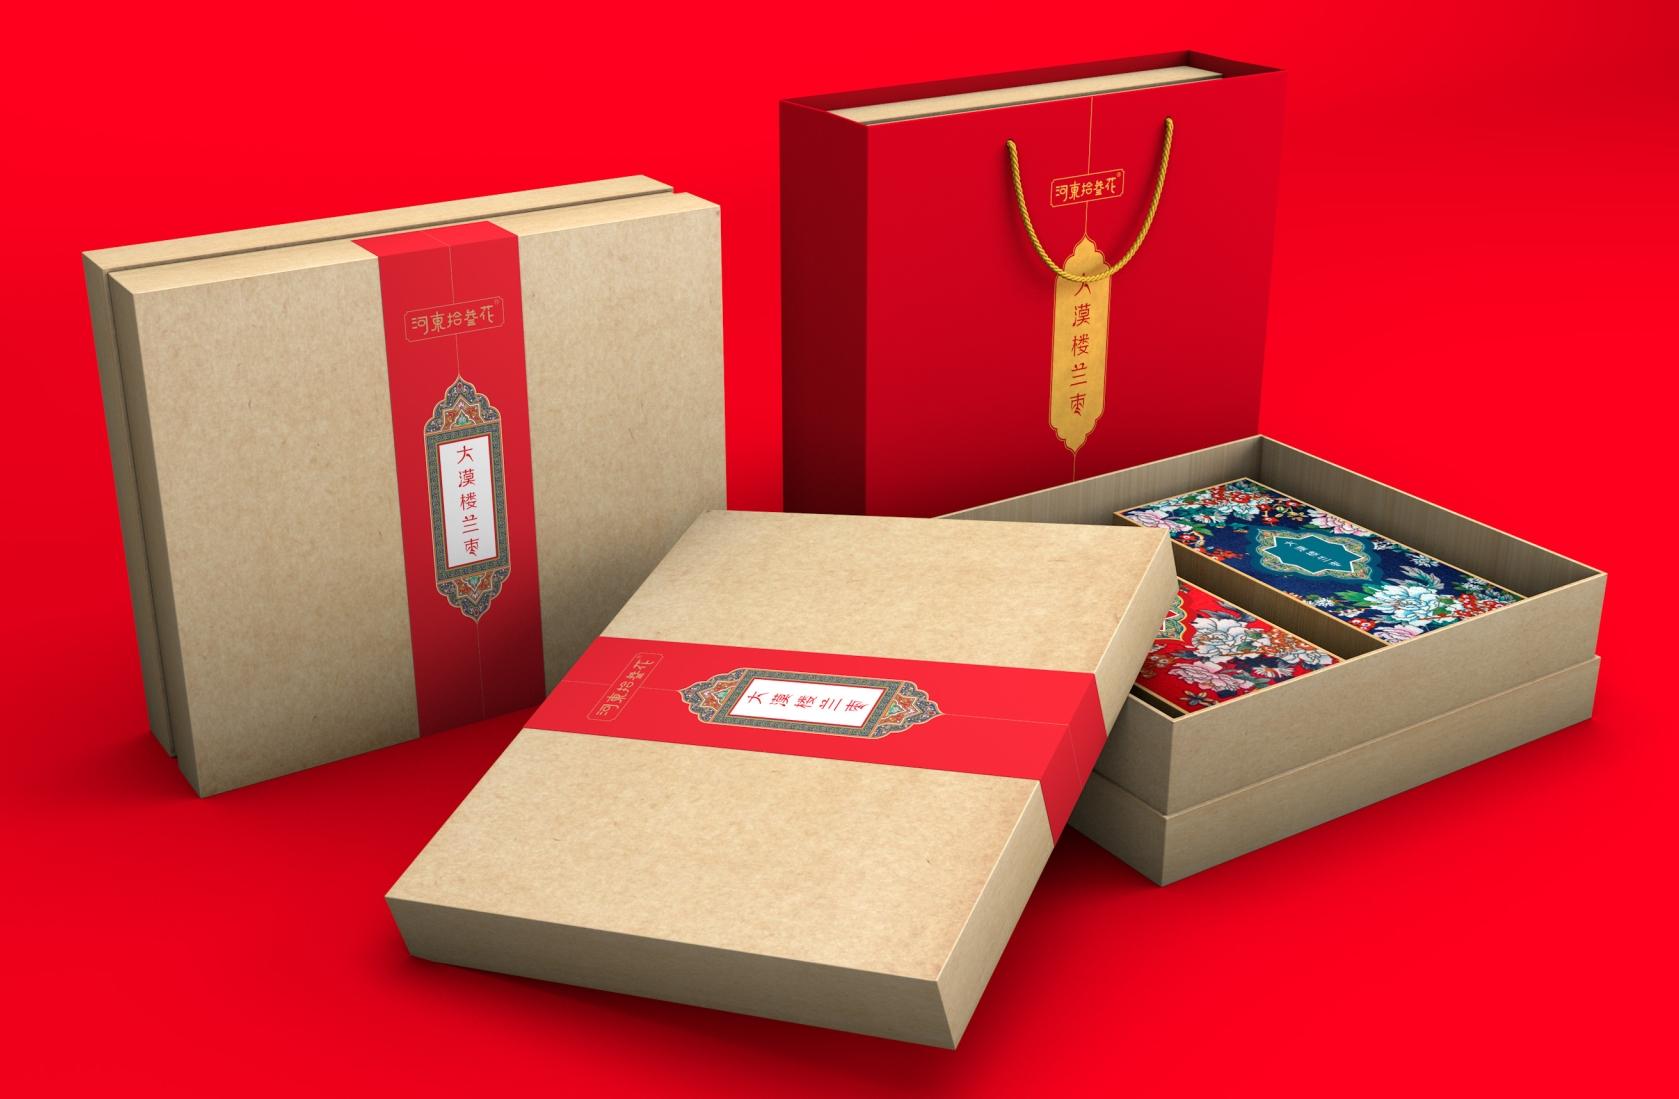 大漠楼兰枣-高端礼盒包装设计